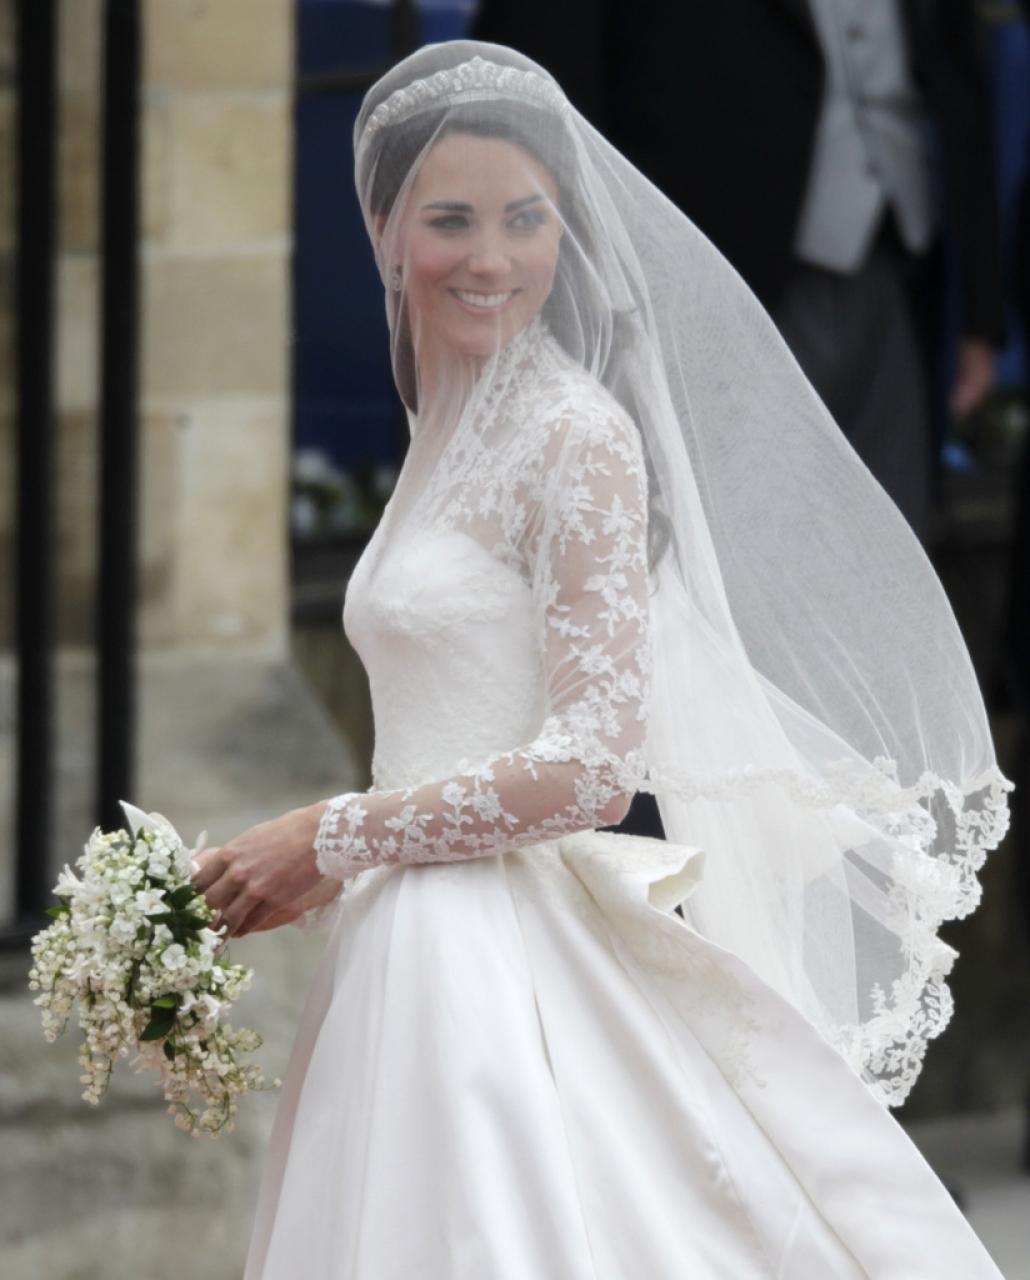 Abiti Da Sposa Kate Middleton.L Abito Da Sposa Di Kate Middleton Versione Low Cost Ticinonline